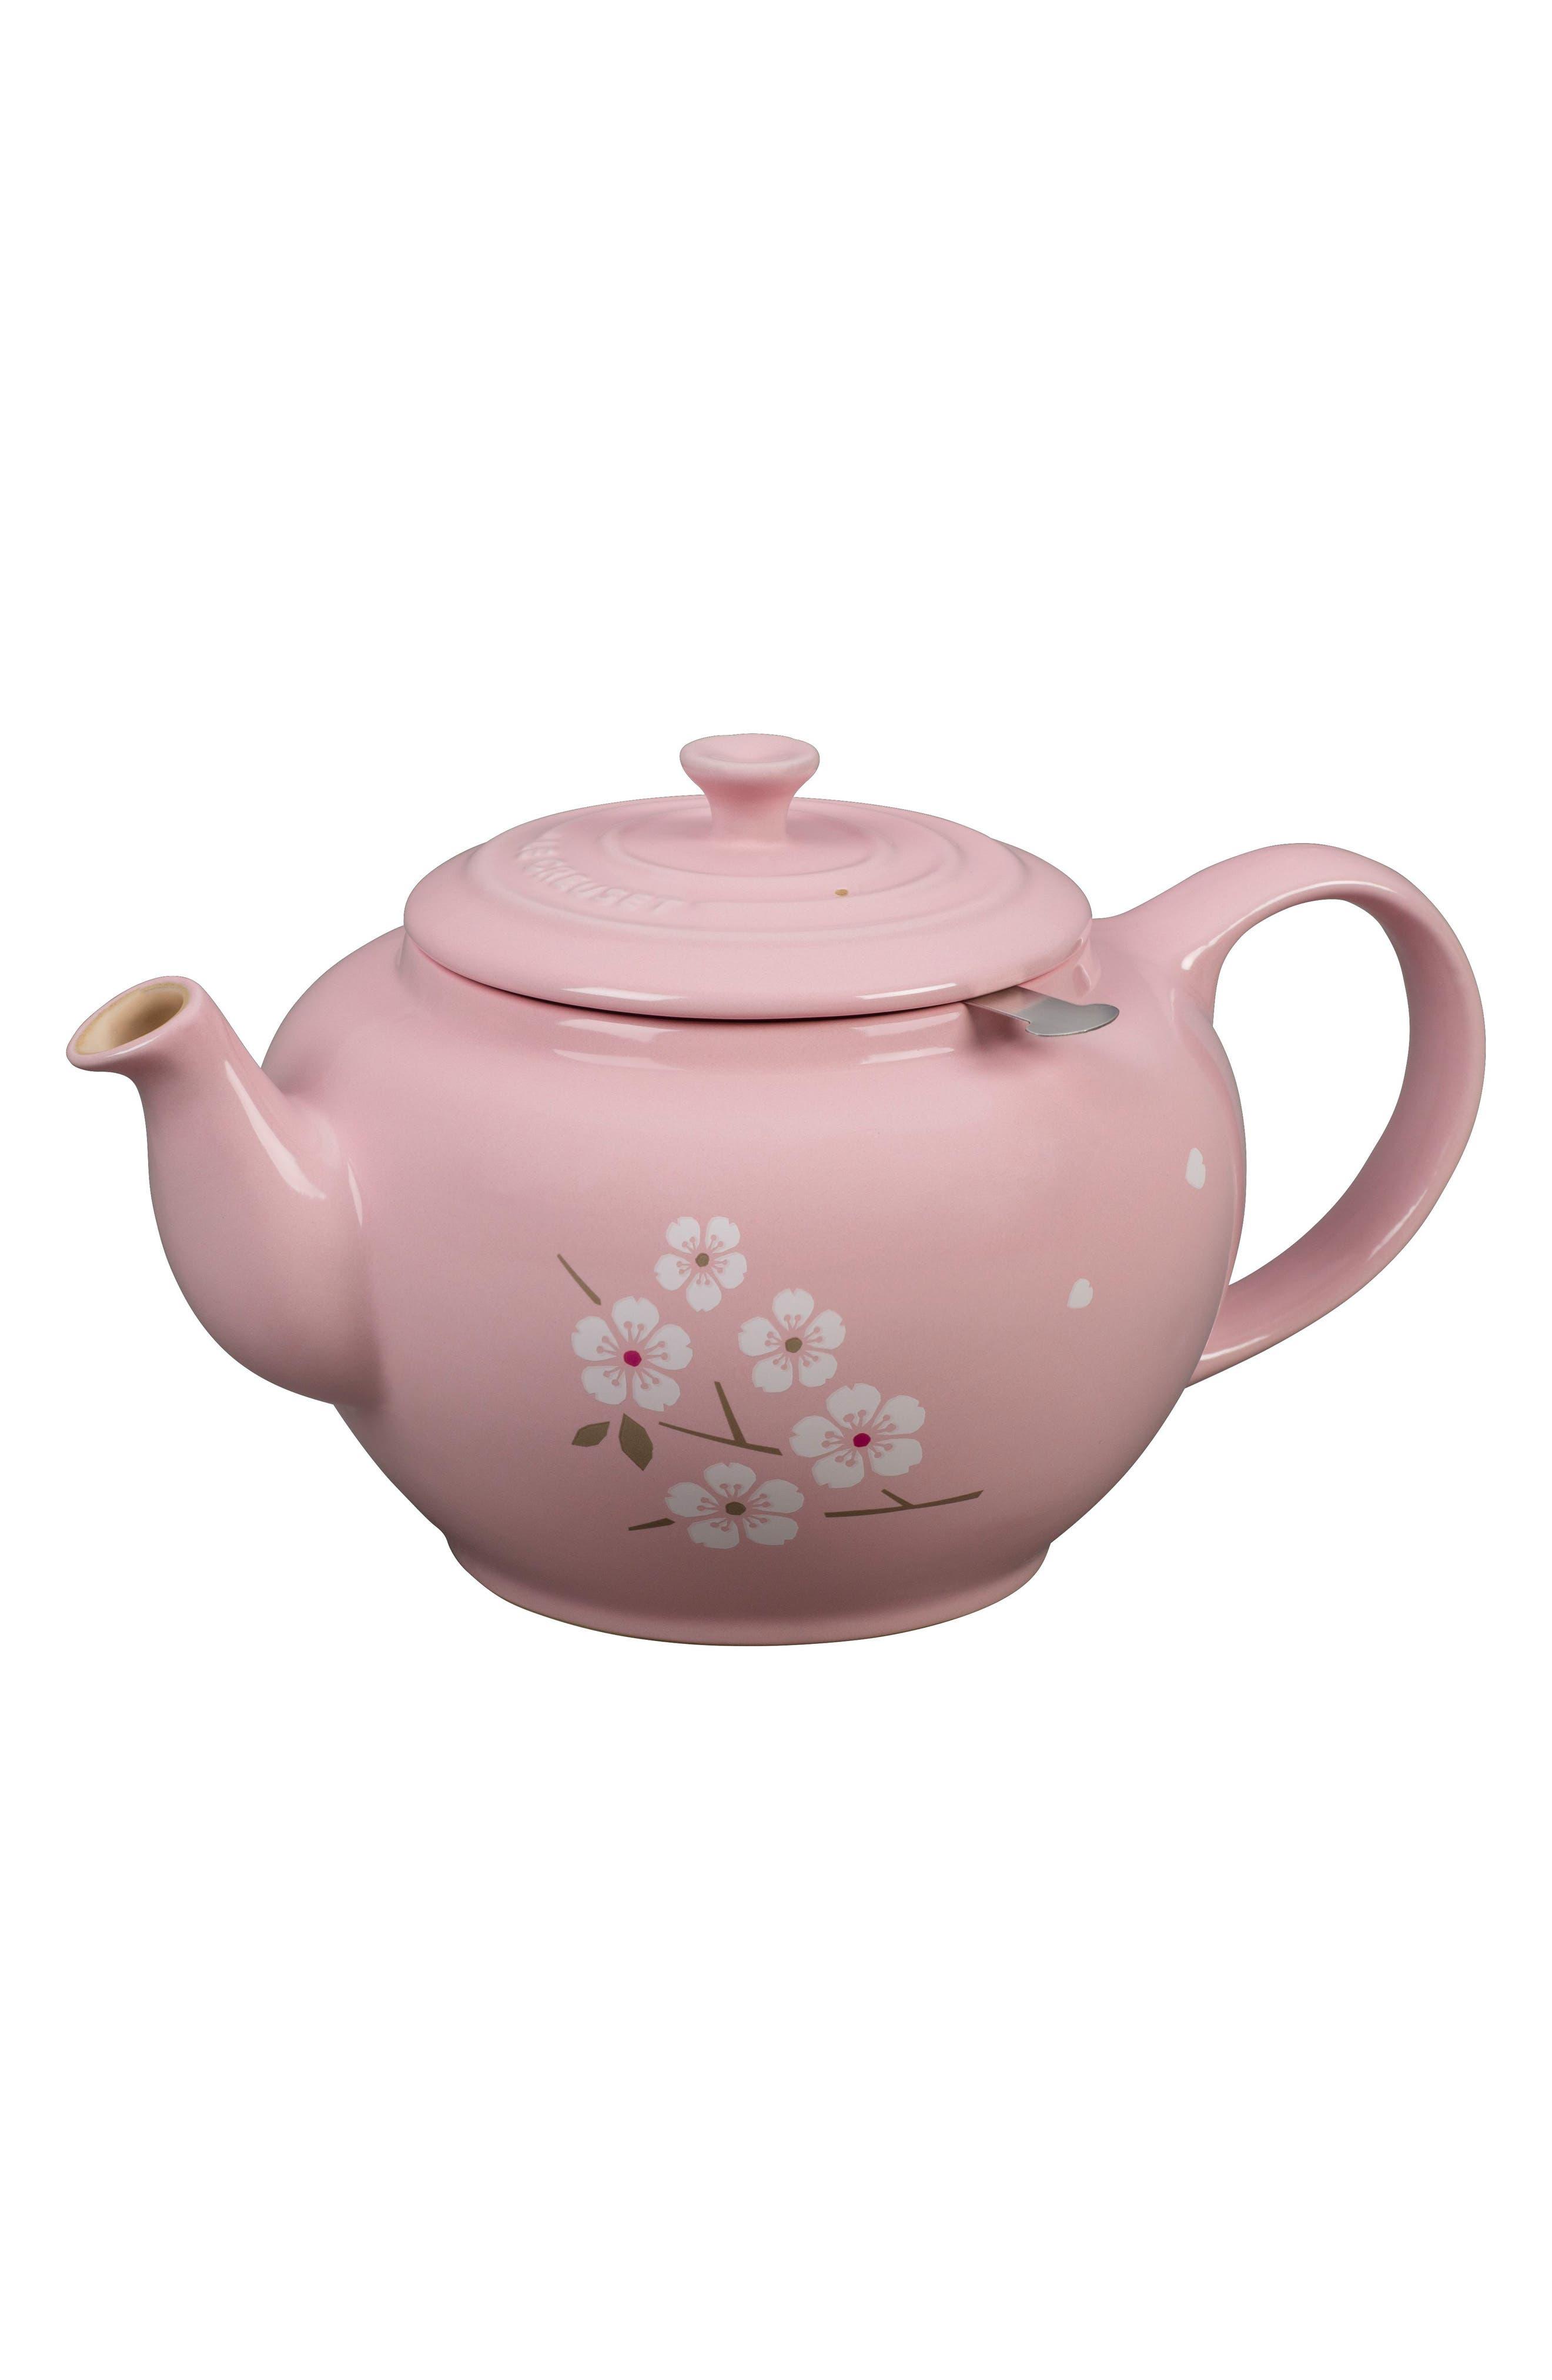 Sakura 1-Quart Stoneware Teapot,                             Alternate thumbnail 4, color,                             650